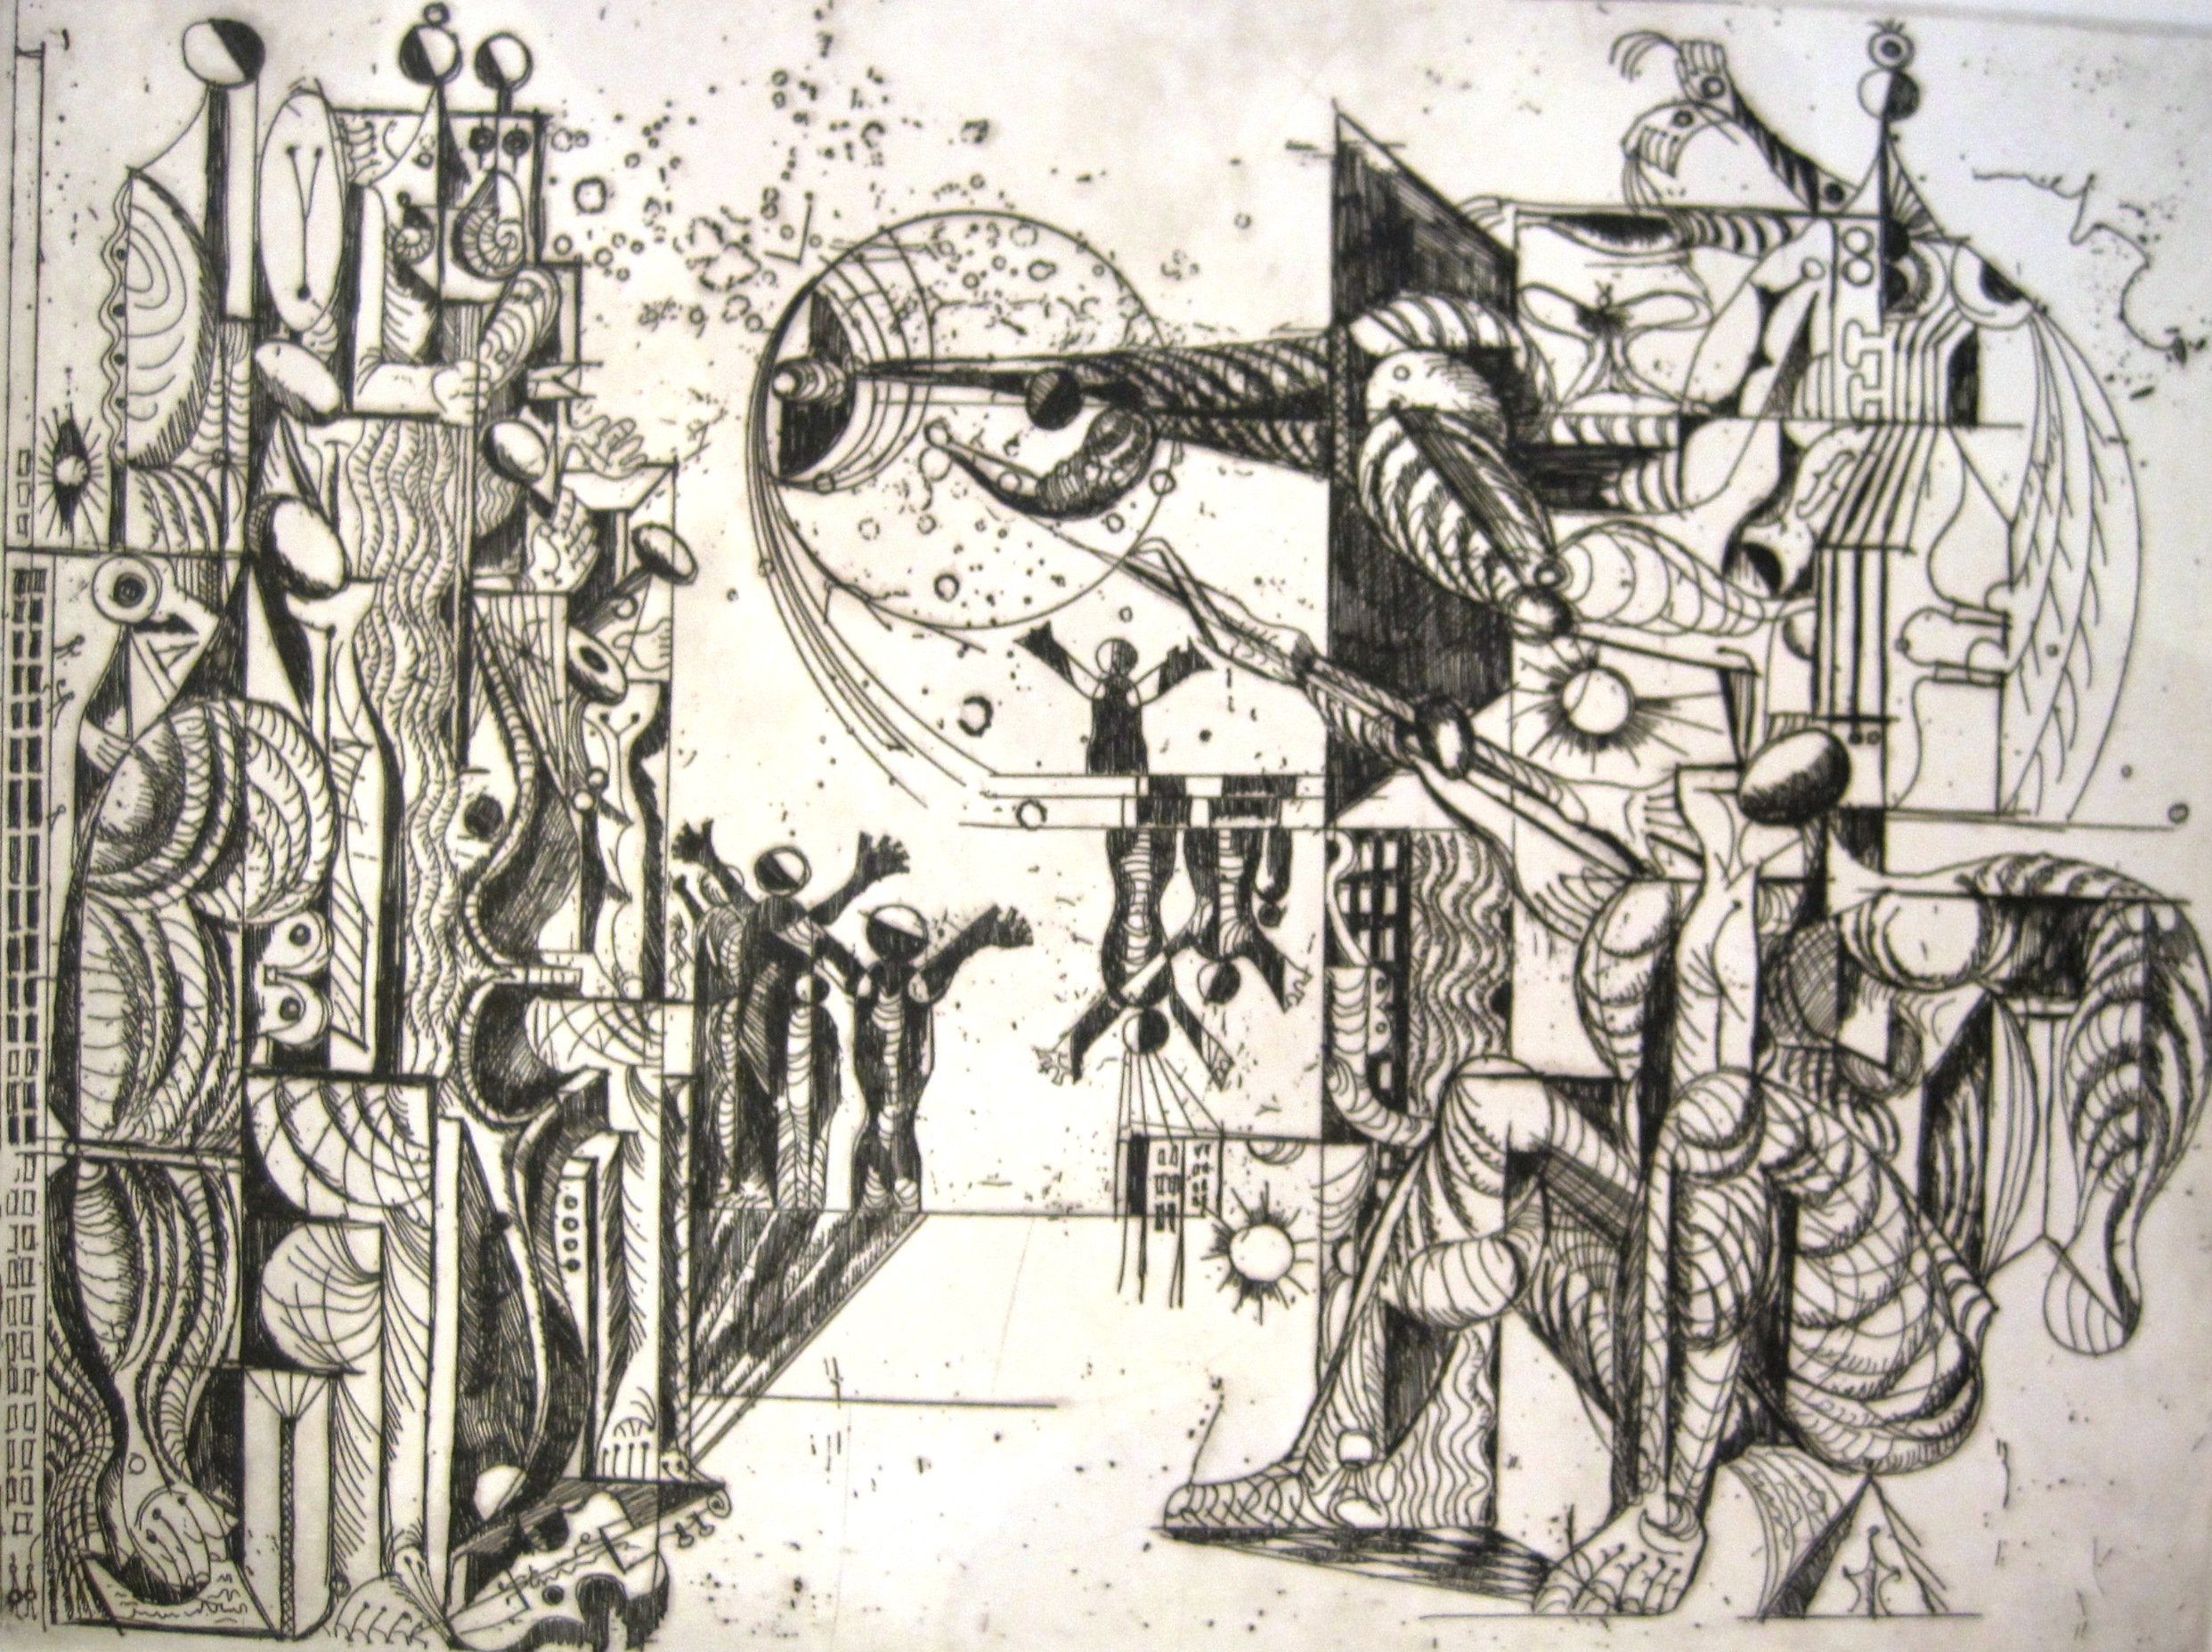 Hincz, Gyula - Kupferstiche: Komposition